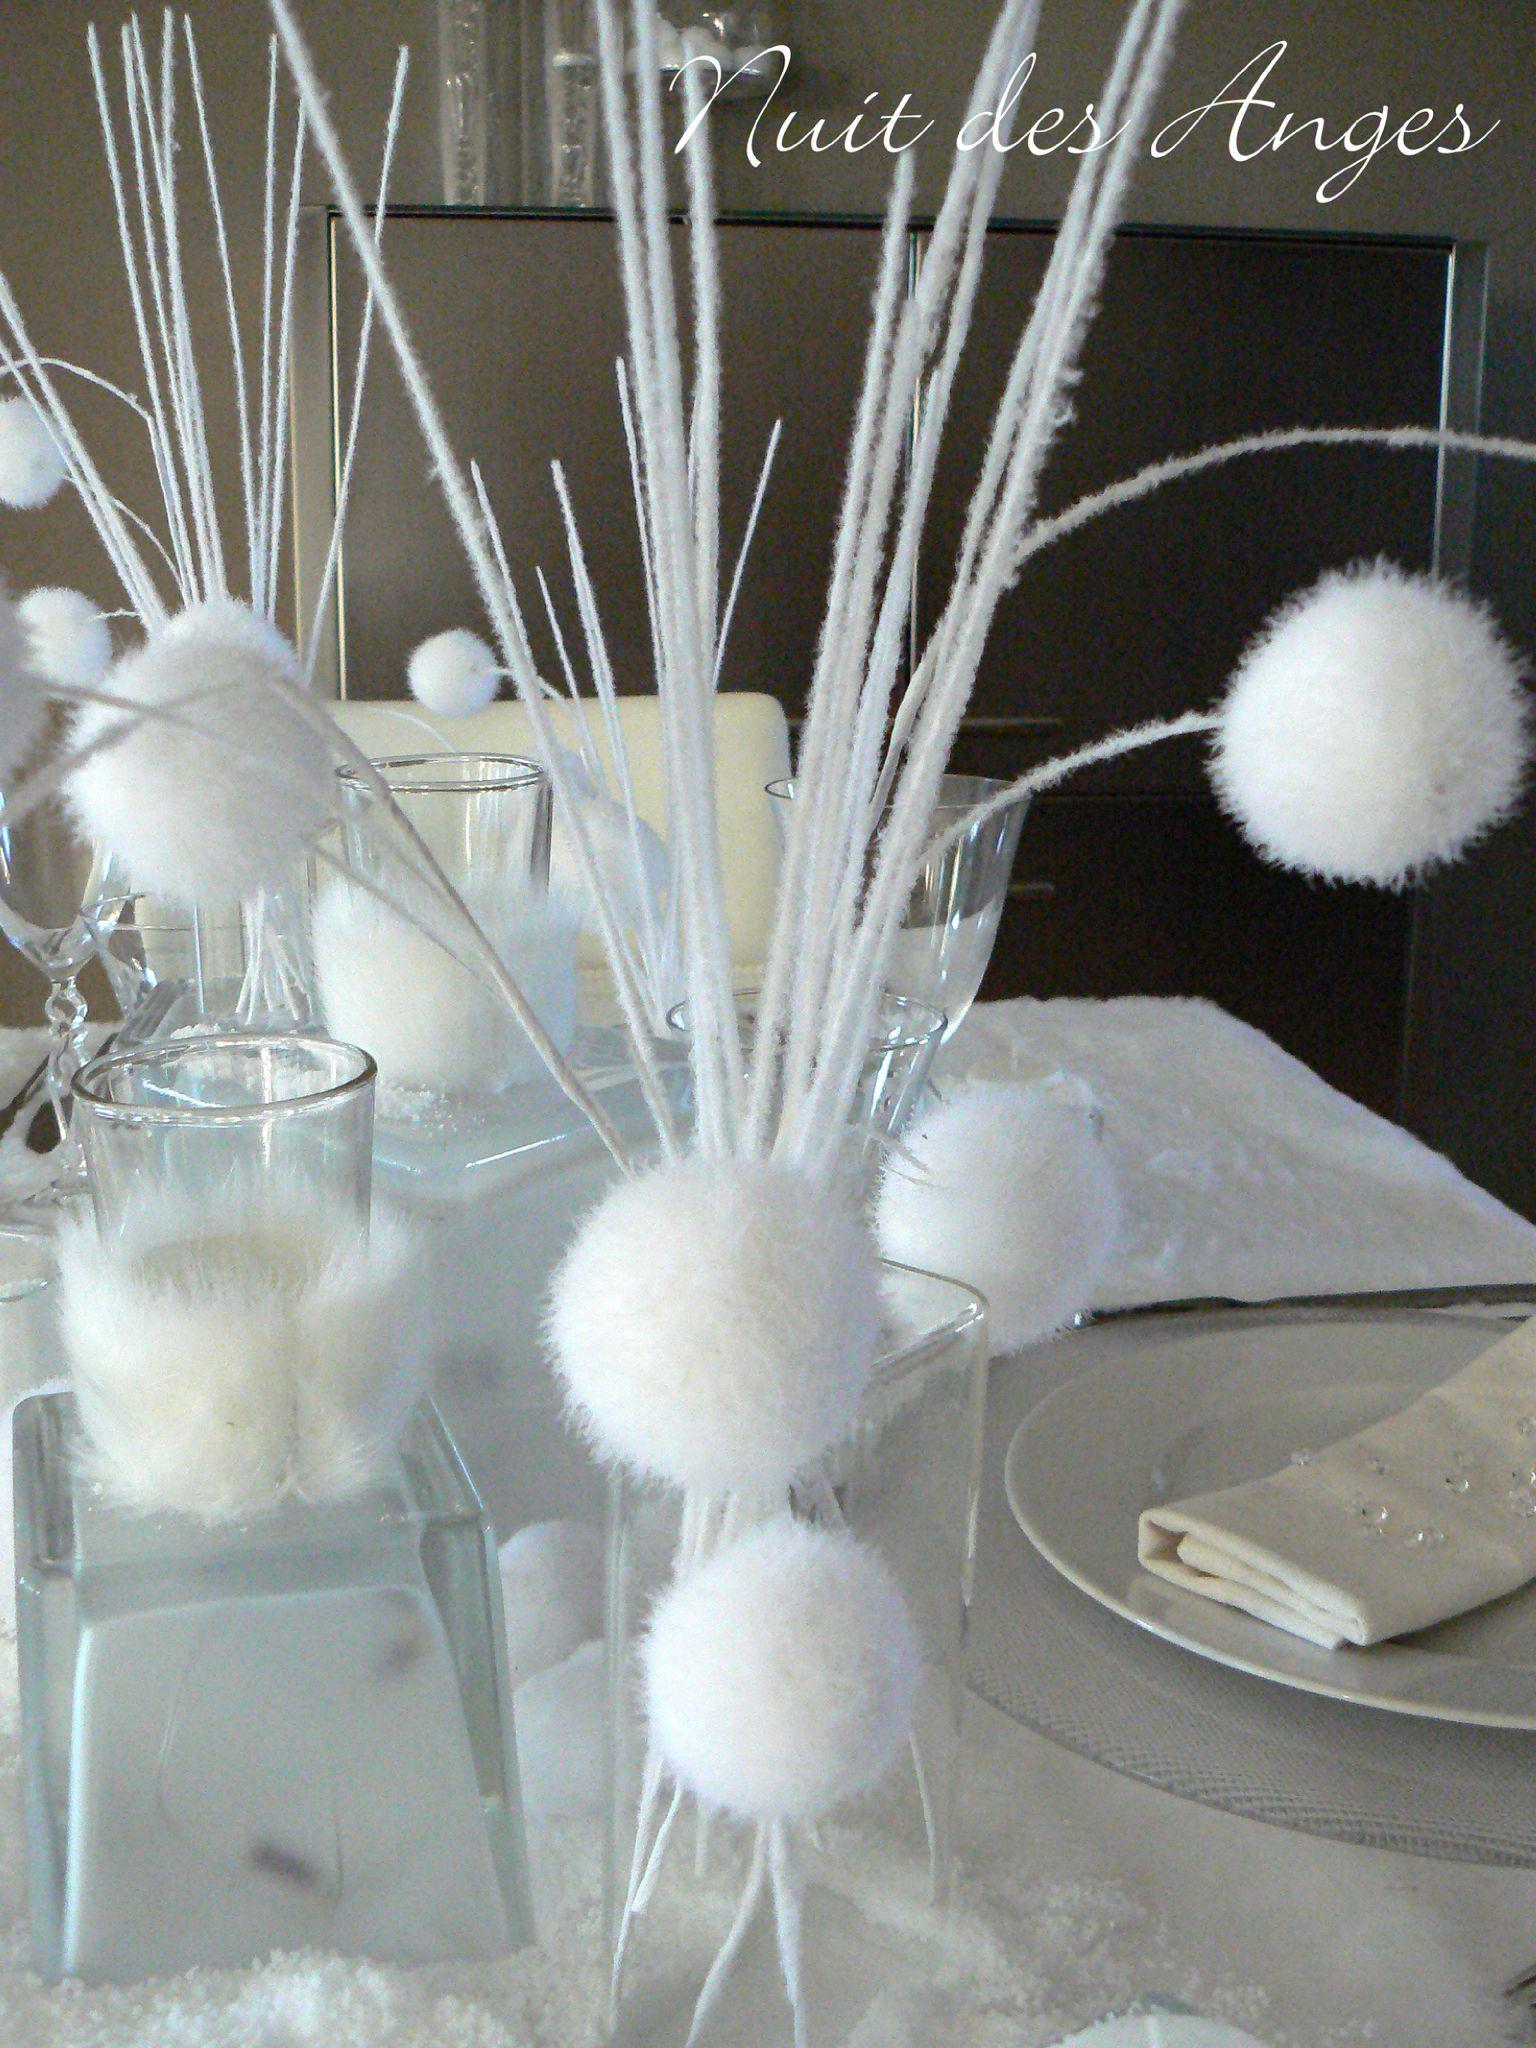 nuit des anges d coratrice de mariage d coration de table hiver blanc 007 d co mariage pinterest. Black Bedroom Furniture Sets. Home Design Ideas